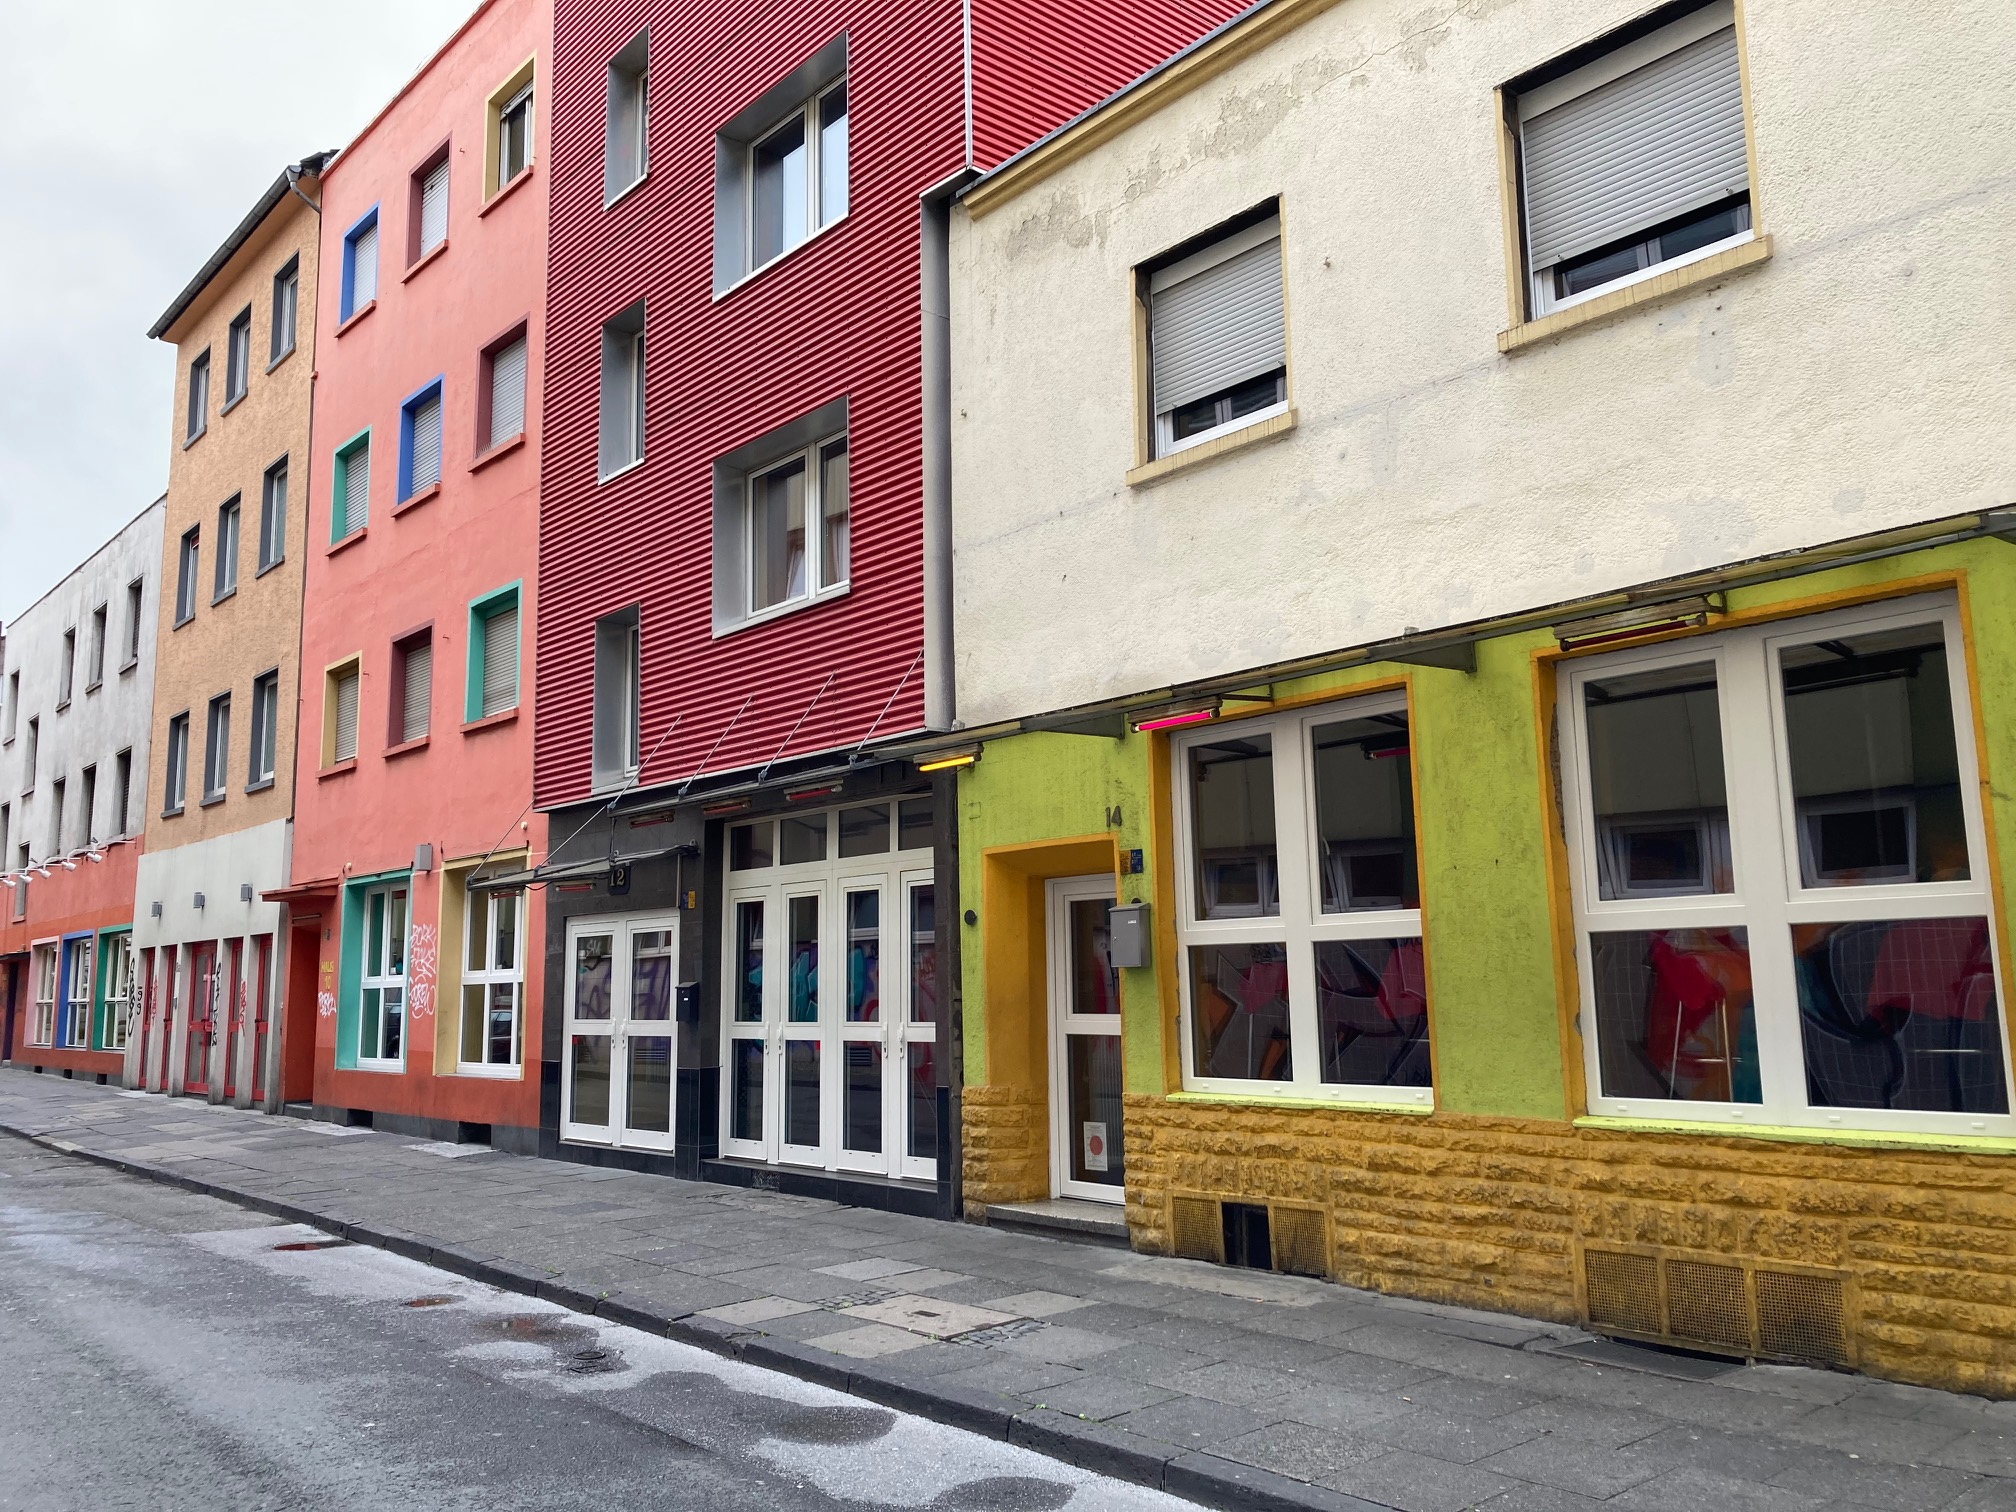 Dortmund aktuelle straßenprostitution Dortmund erwartet